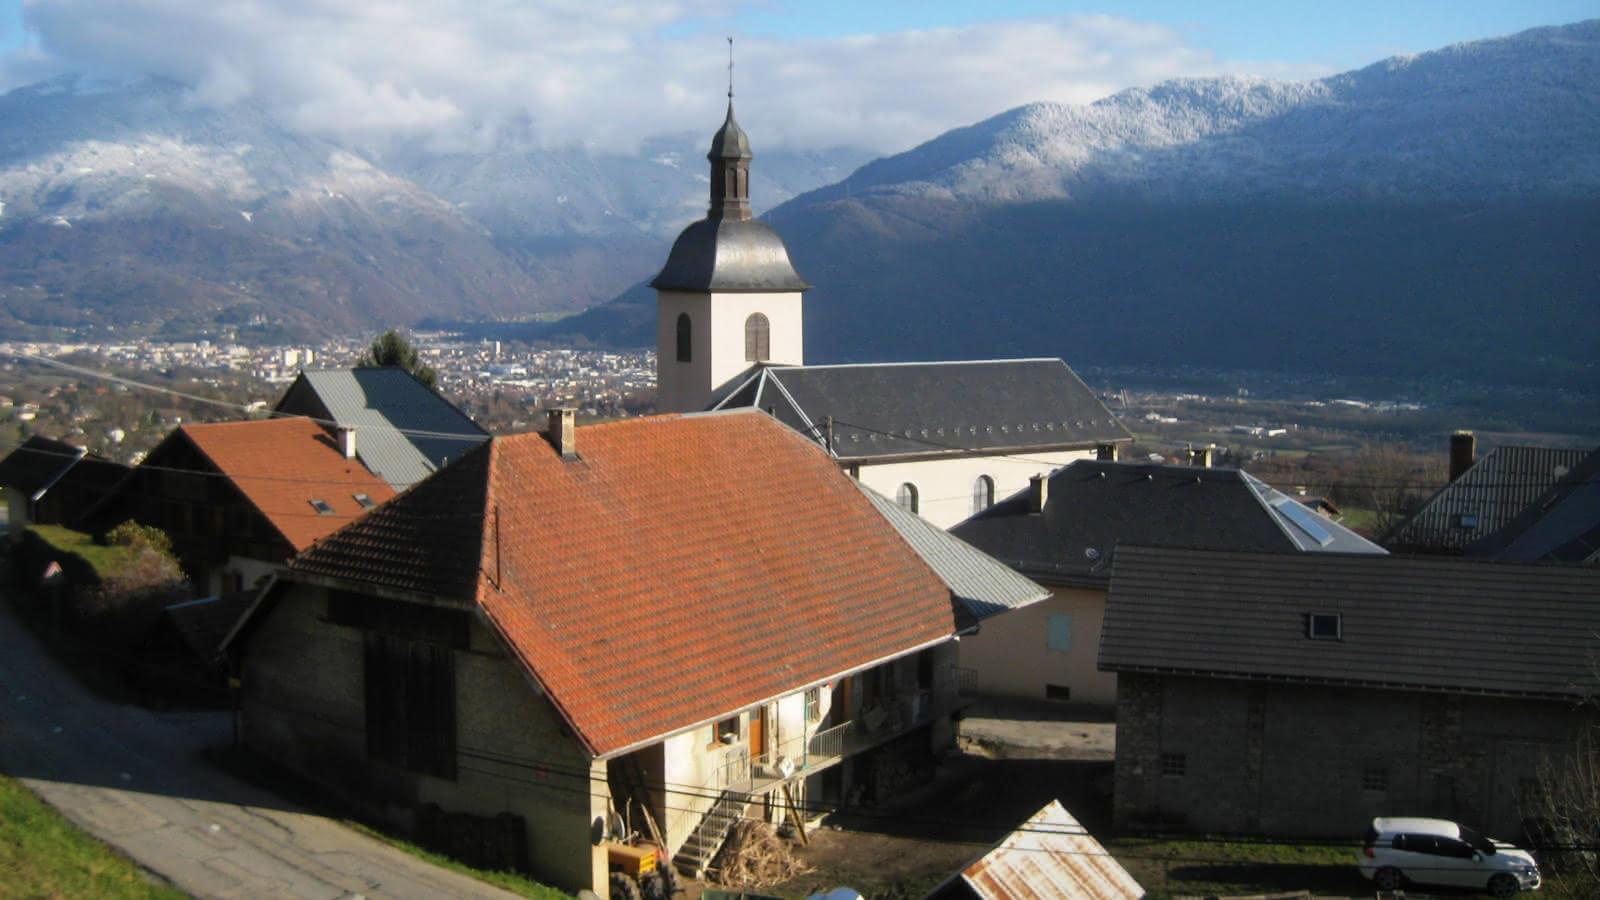 Eglise de Plancherine